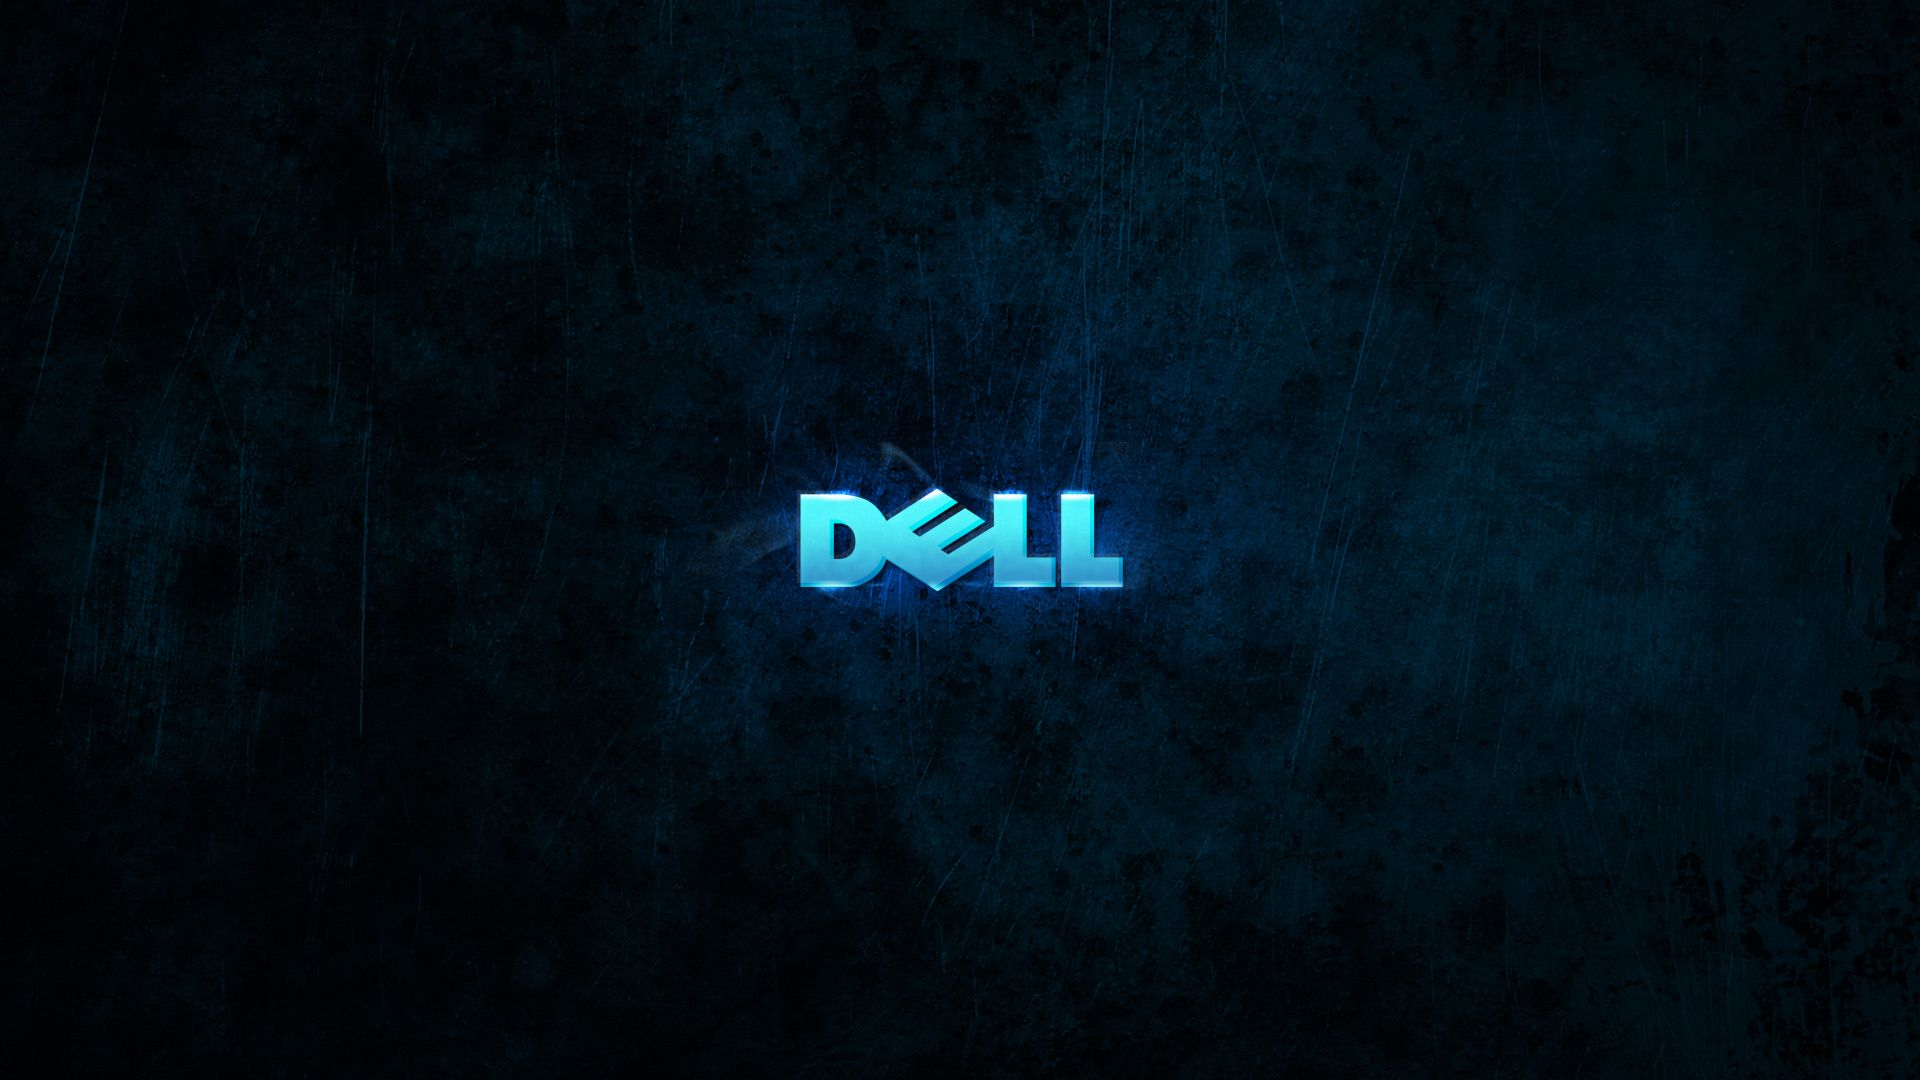 Beautiful Plavi Dell Wallpaper Hd Pozadine Check More At Http Pozadine I Papel De Parede Do Notebook Imagem De Fundo De Computador Papel De Parede Computador